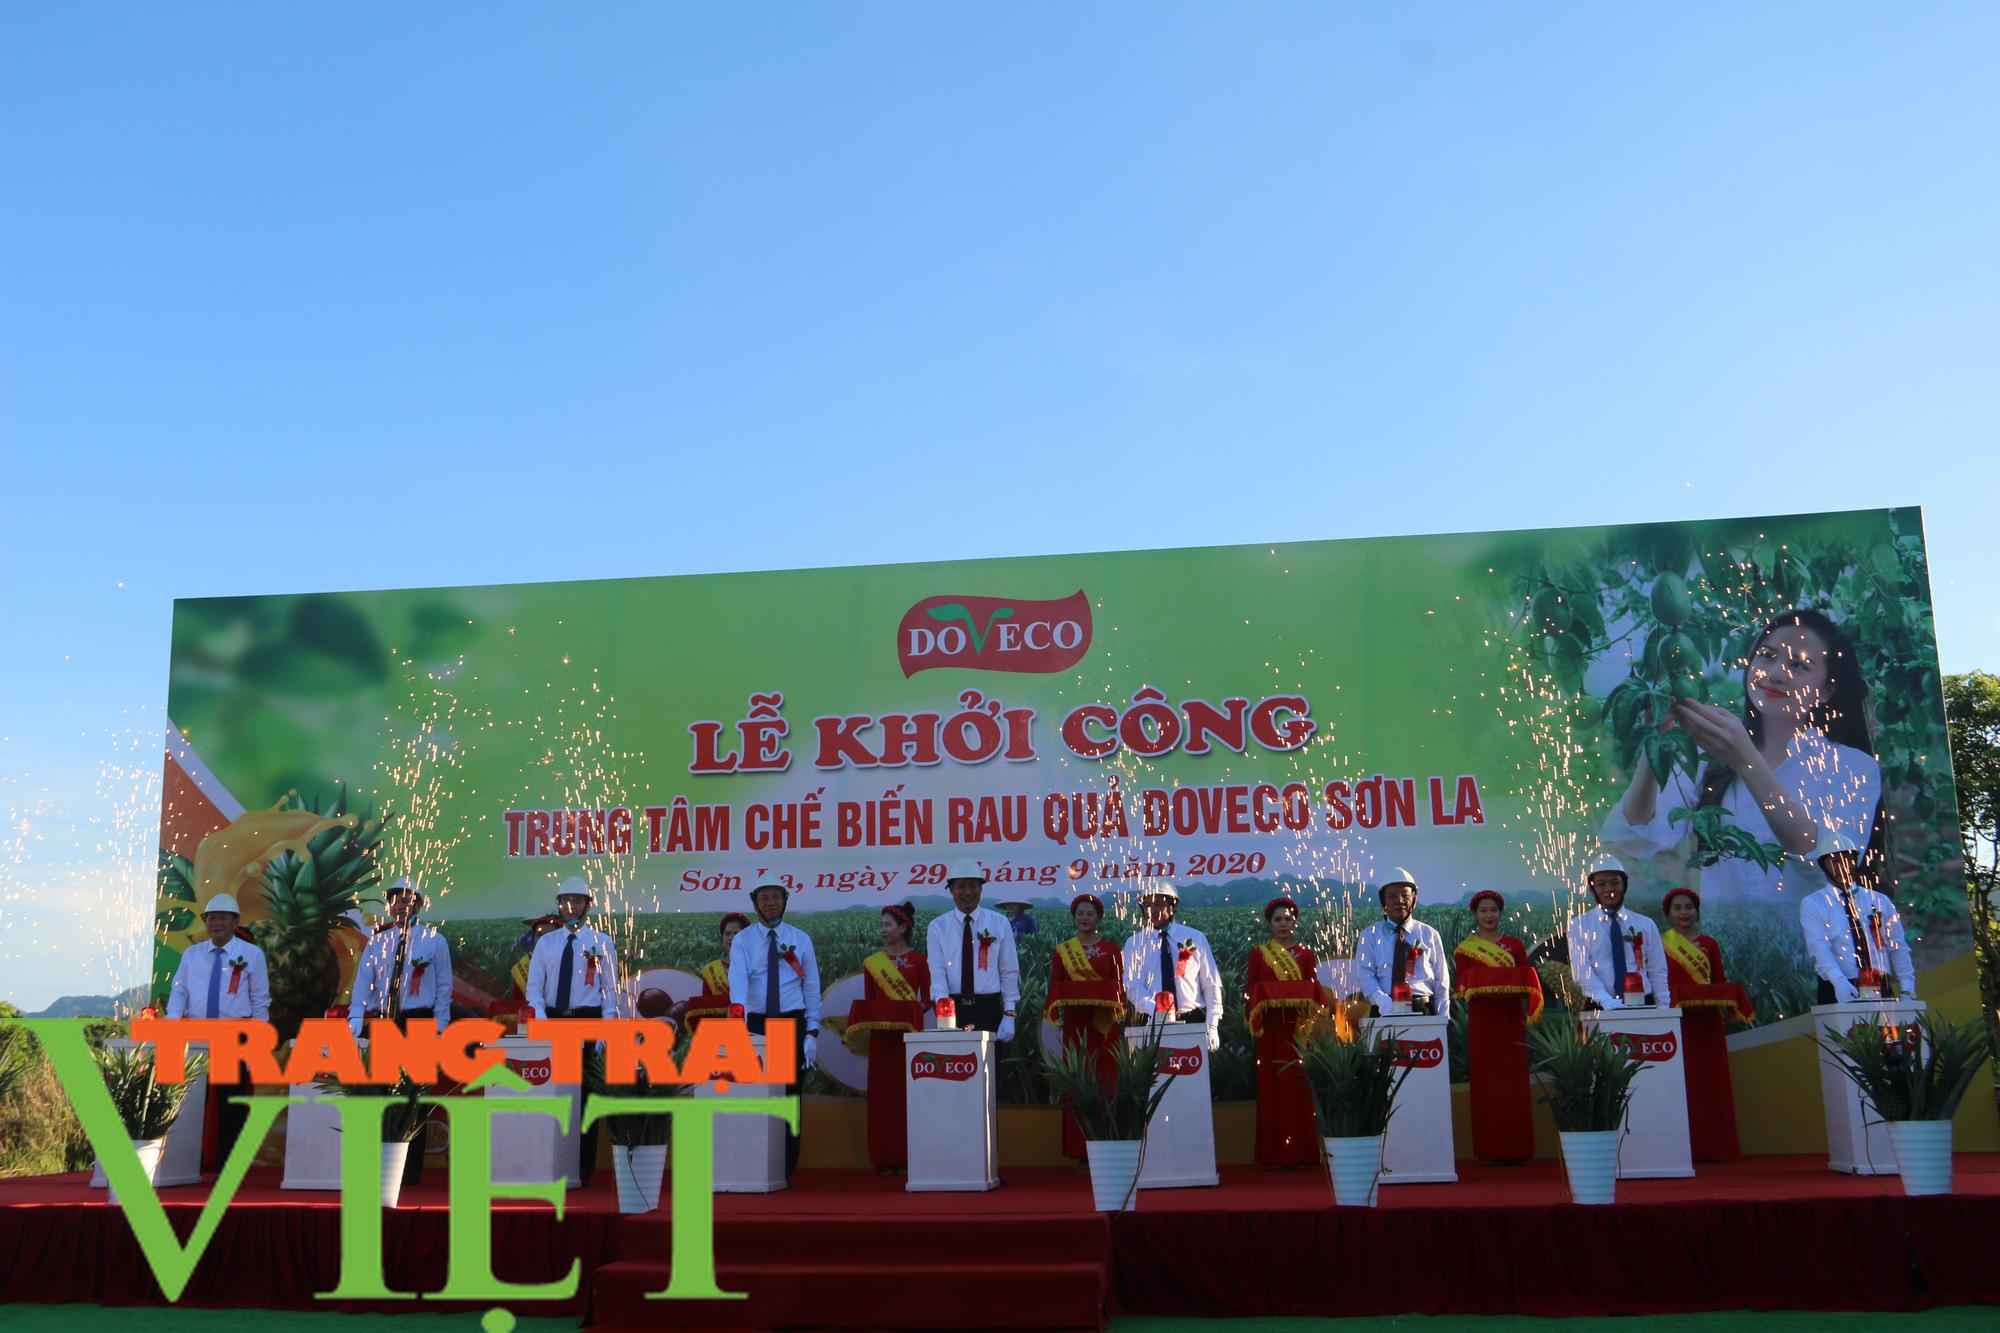 Sơn La: Xây dựng trung tâm chế biến rau, quả tại huyện Mai Sơn - Ảnh 5.